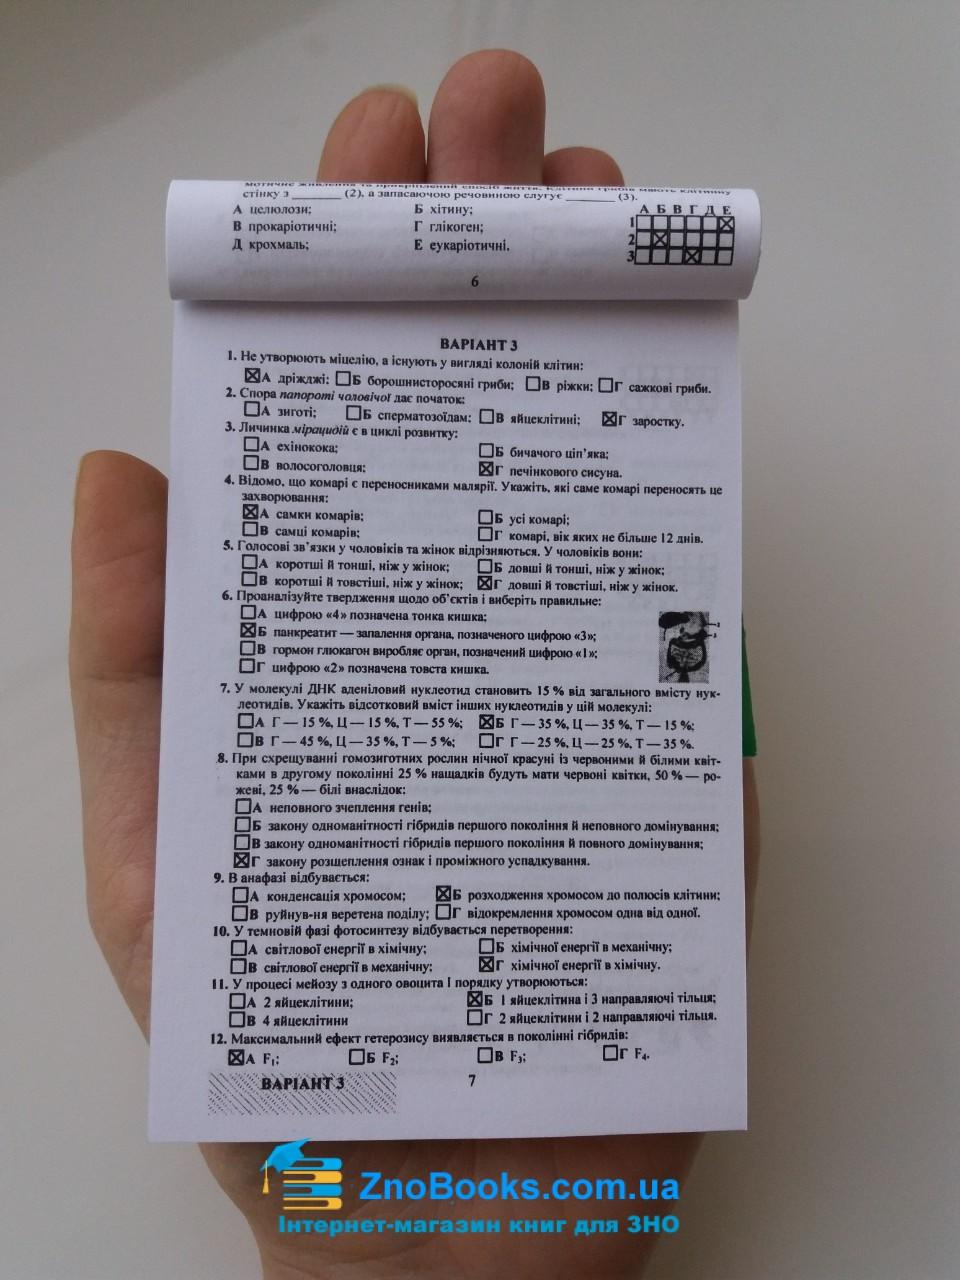 ШПАРГАЛКА. Відповіді для ДПА 2020 з біології 9 клас : Барна І. Підручники і посібники. Купити 1